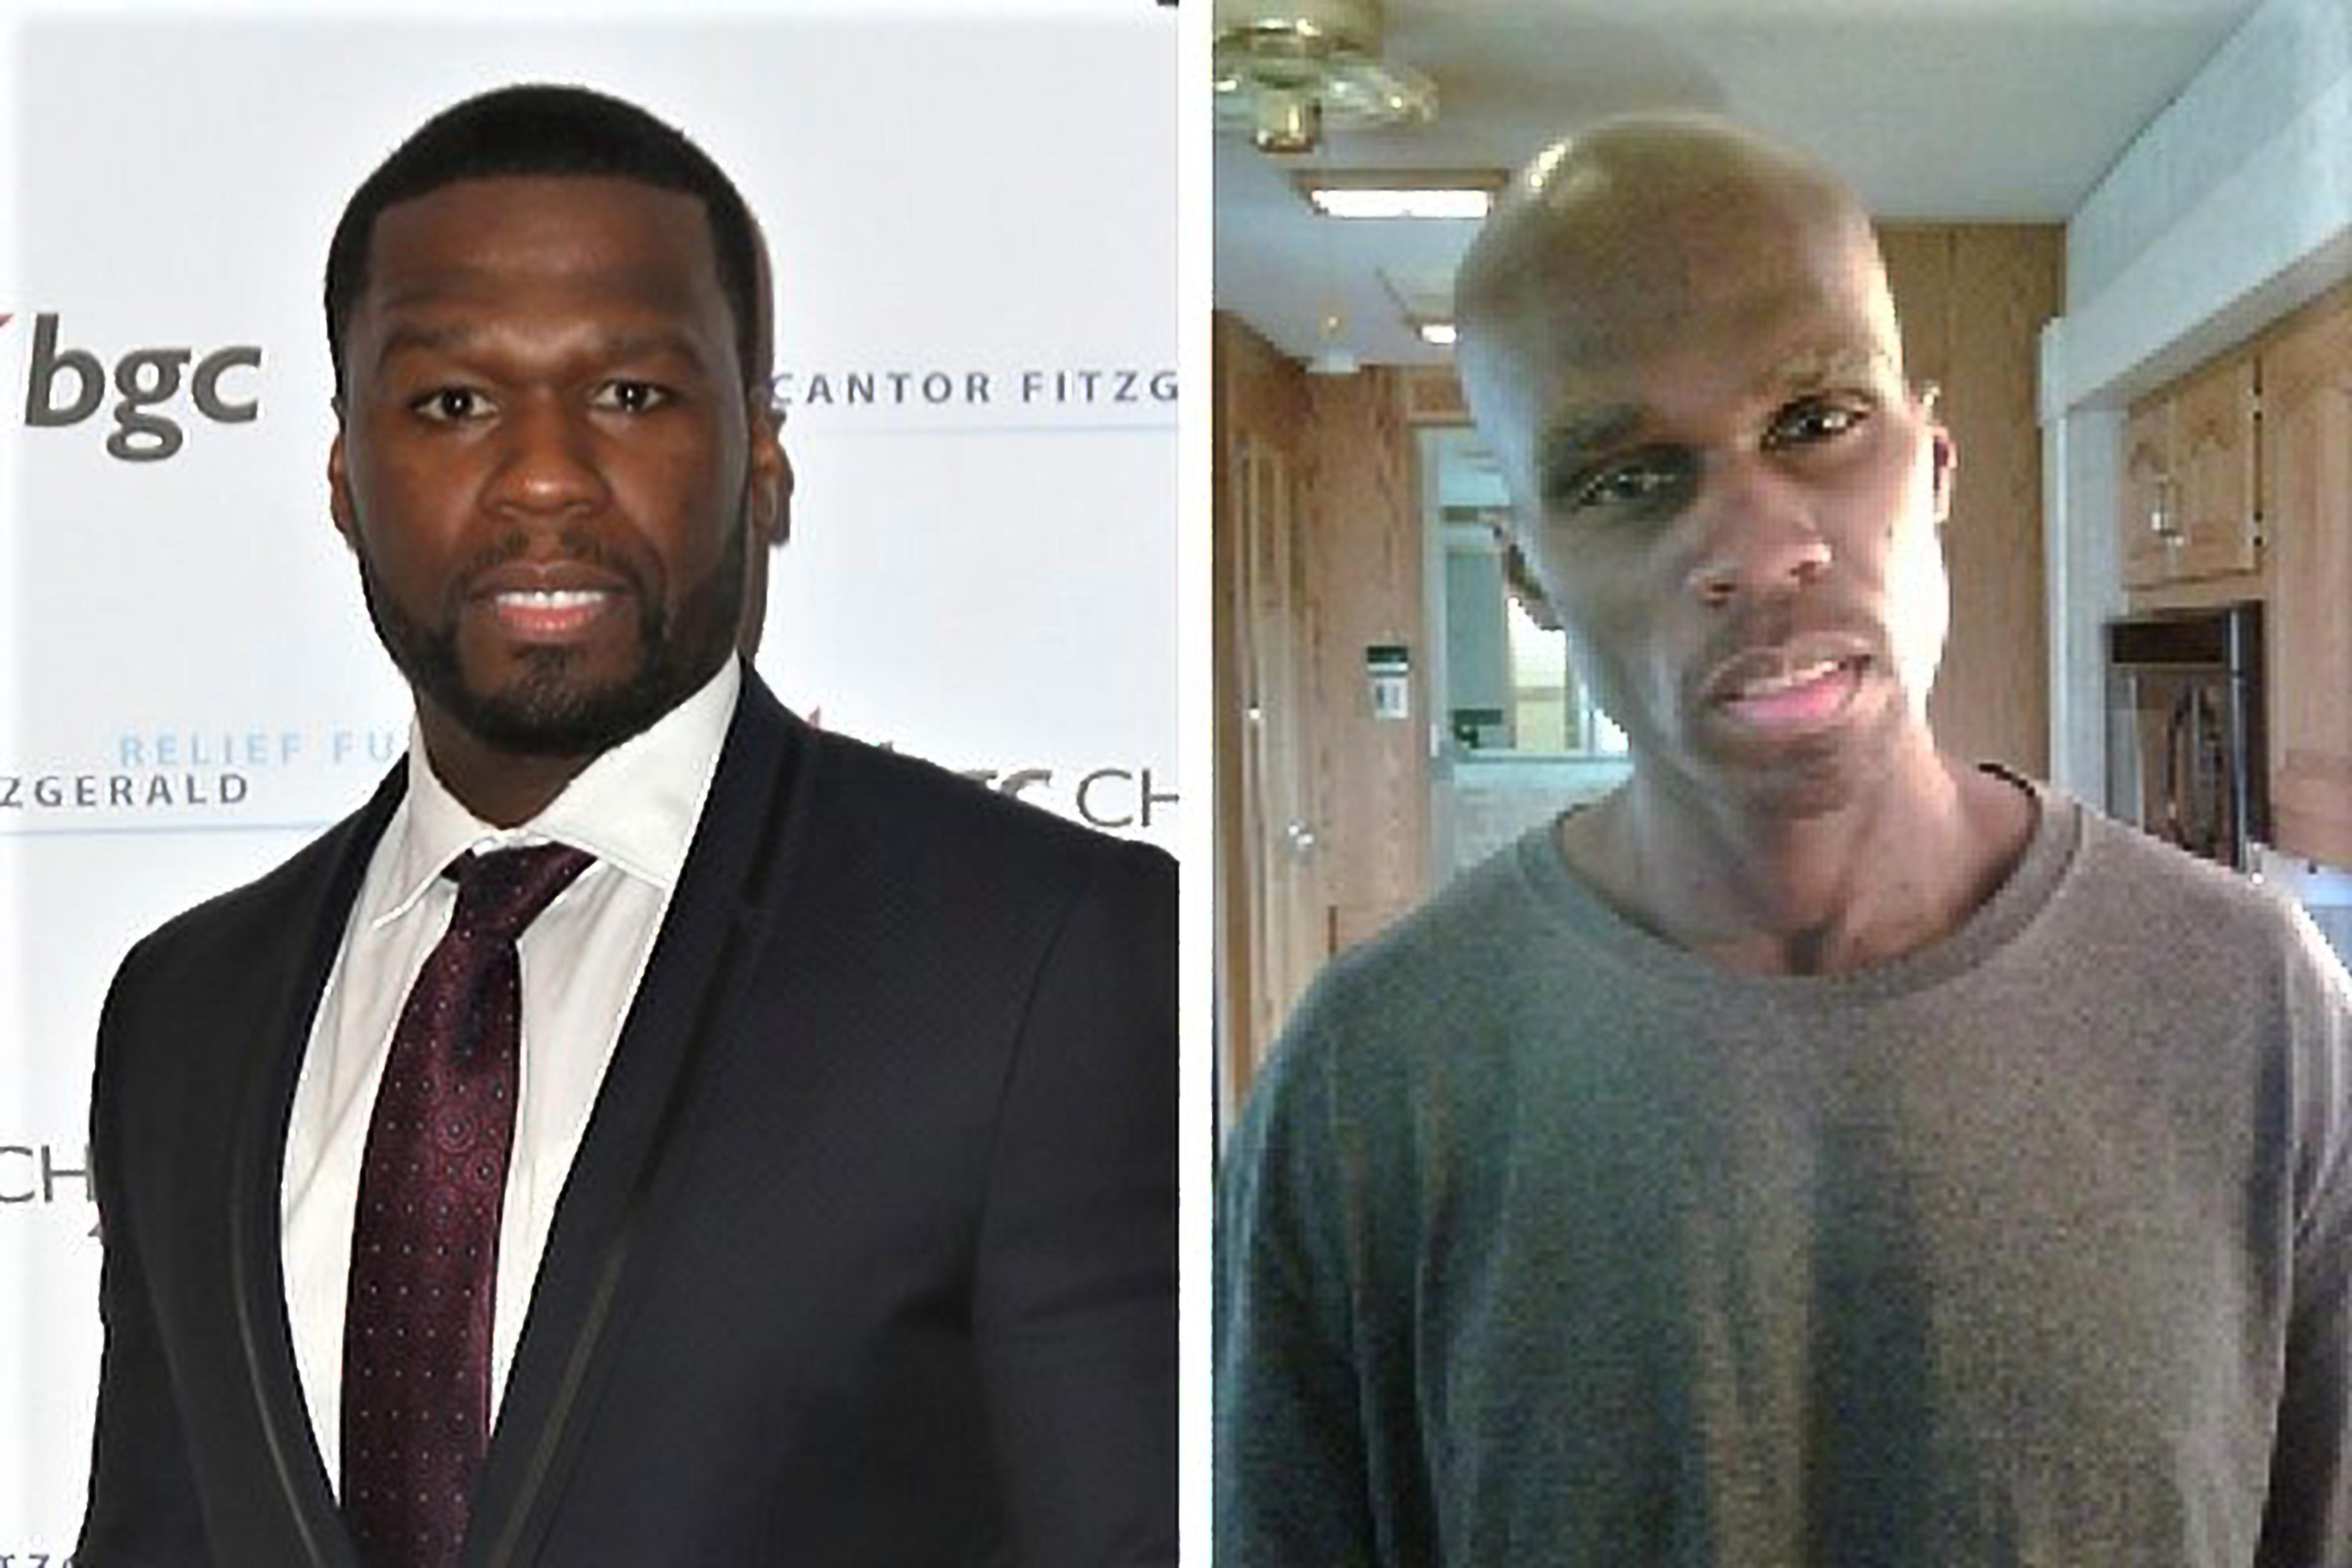 As supreendentes mudanças de peso das celebridades